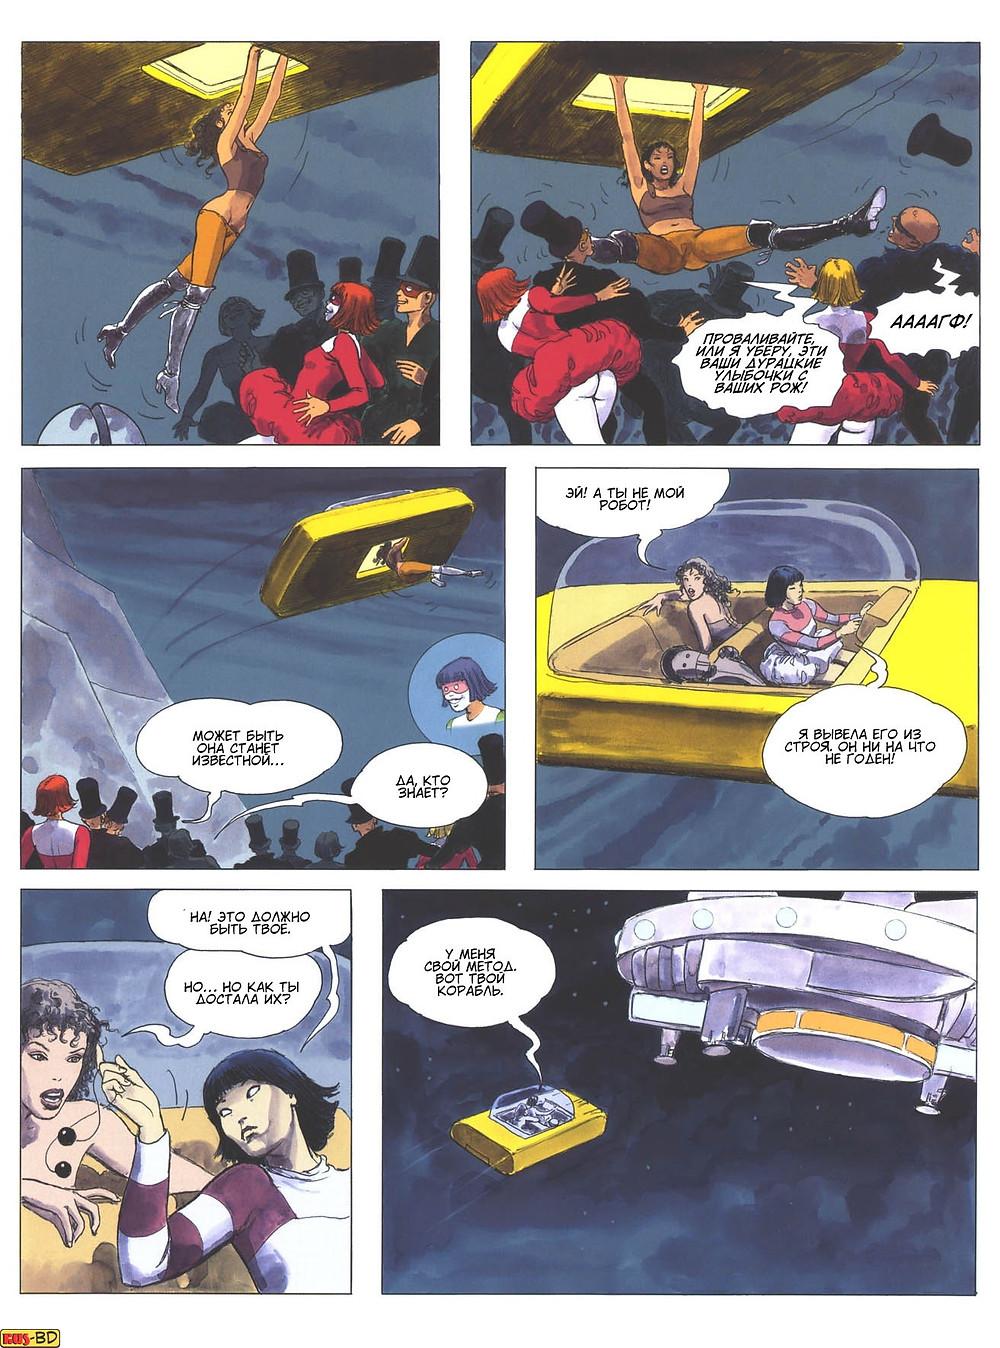 Эротический комикс на русском. Мило Манара. Пиранезе - планета тюрьма. Страница 44